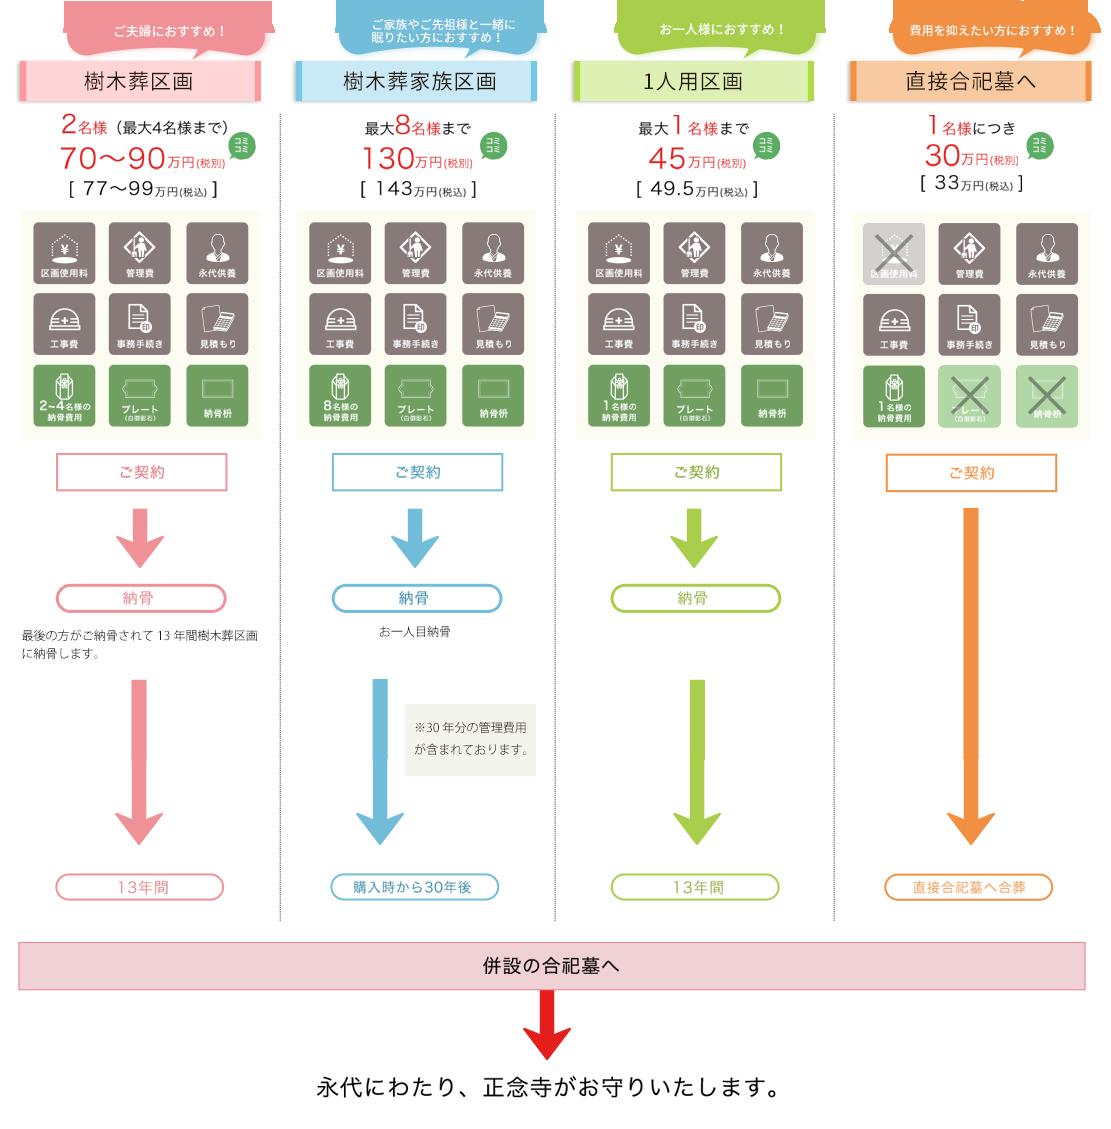 飯田霊地公園の料金システム